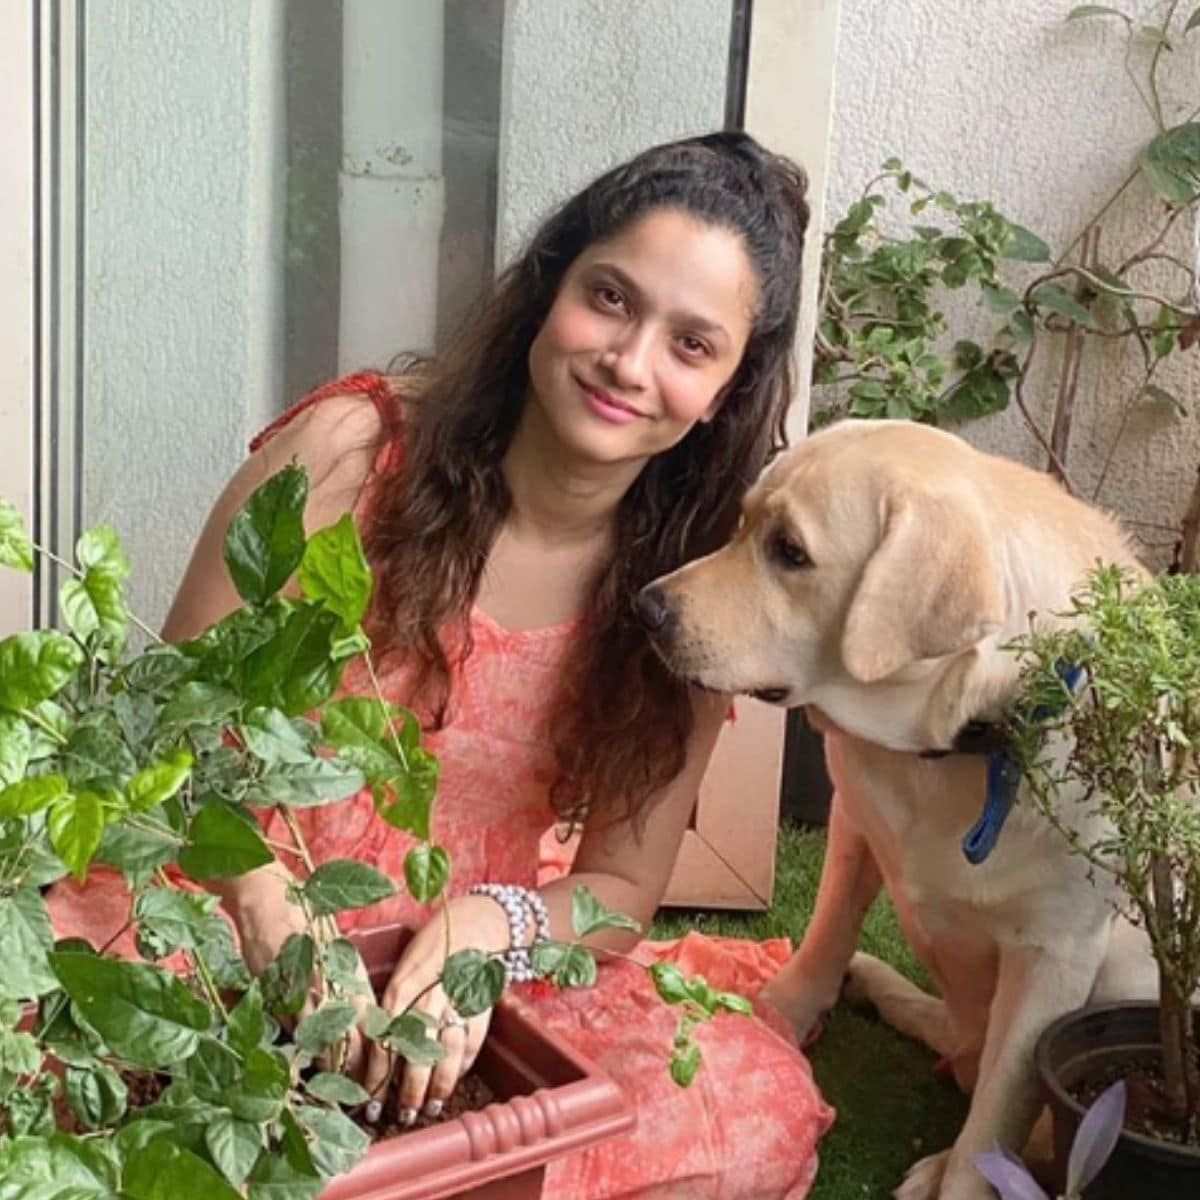 अंकिता लोखंडे (Ankita Lokhande) सोशल मीडिया सक्रिया असते. यापूर्वी अंकिताने इंस्टाग्राम अकाउंटवर गार्डनिंग करीत असतानाचे फोटो शेअर केले होते. ज्यामध्ये ती आपल्या डॉगीसोबत झाडं लावताना दिसत आहे. (photo credit: instagram/@lokhandeankita)